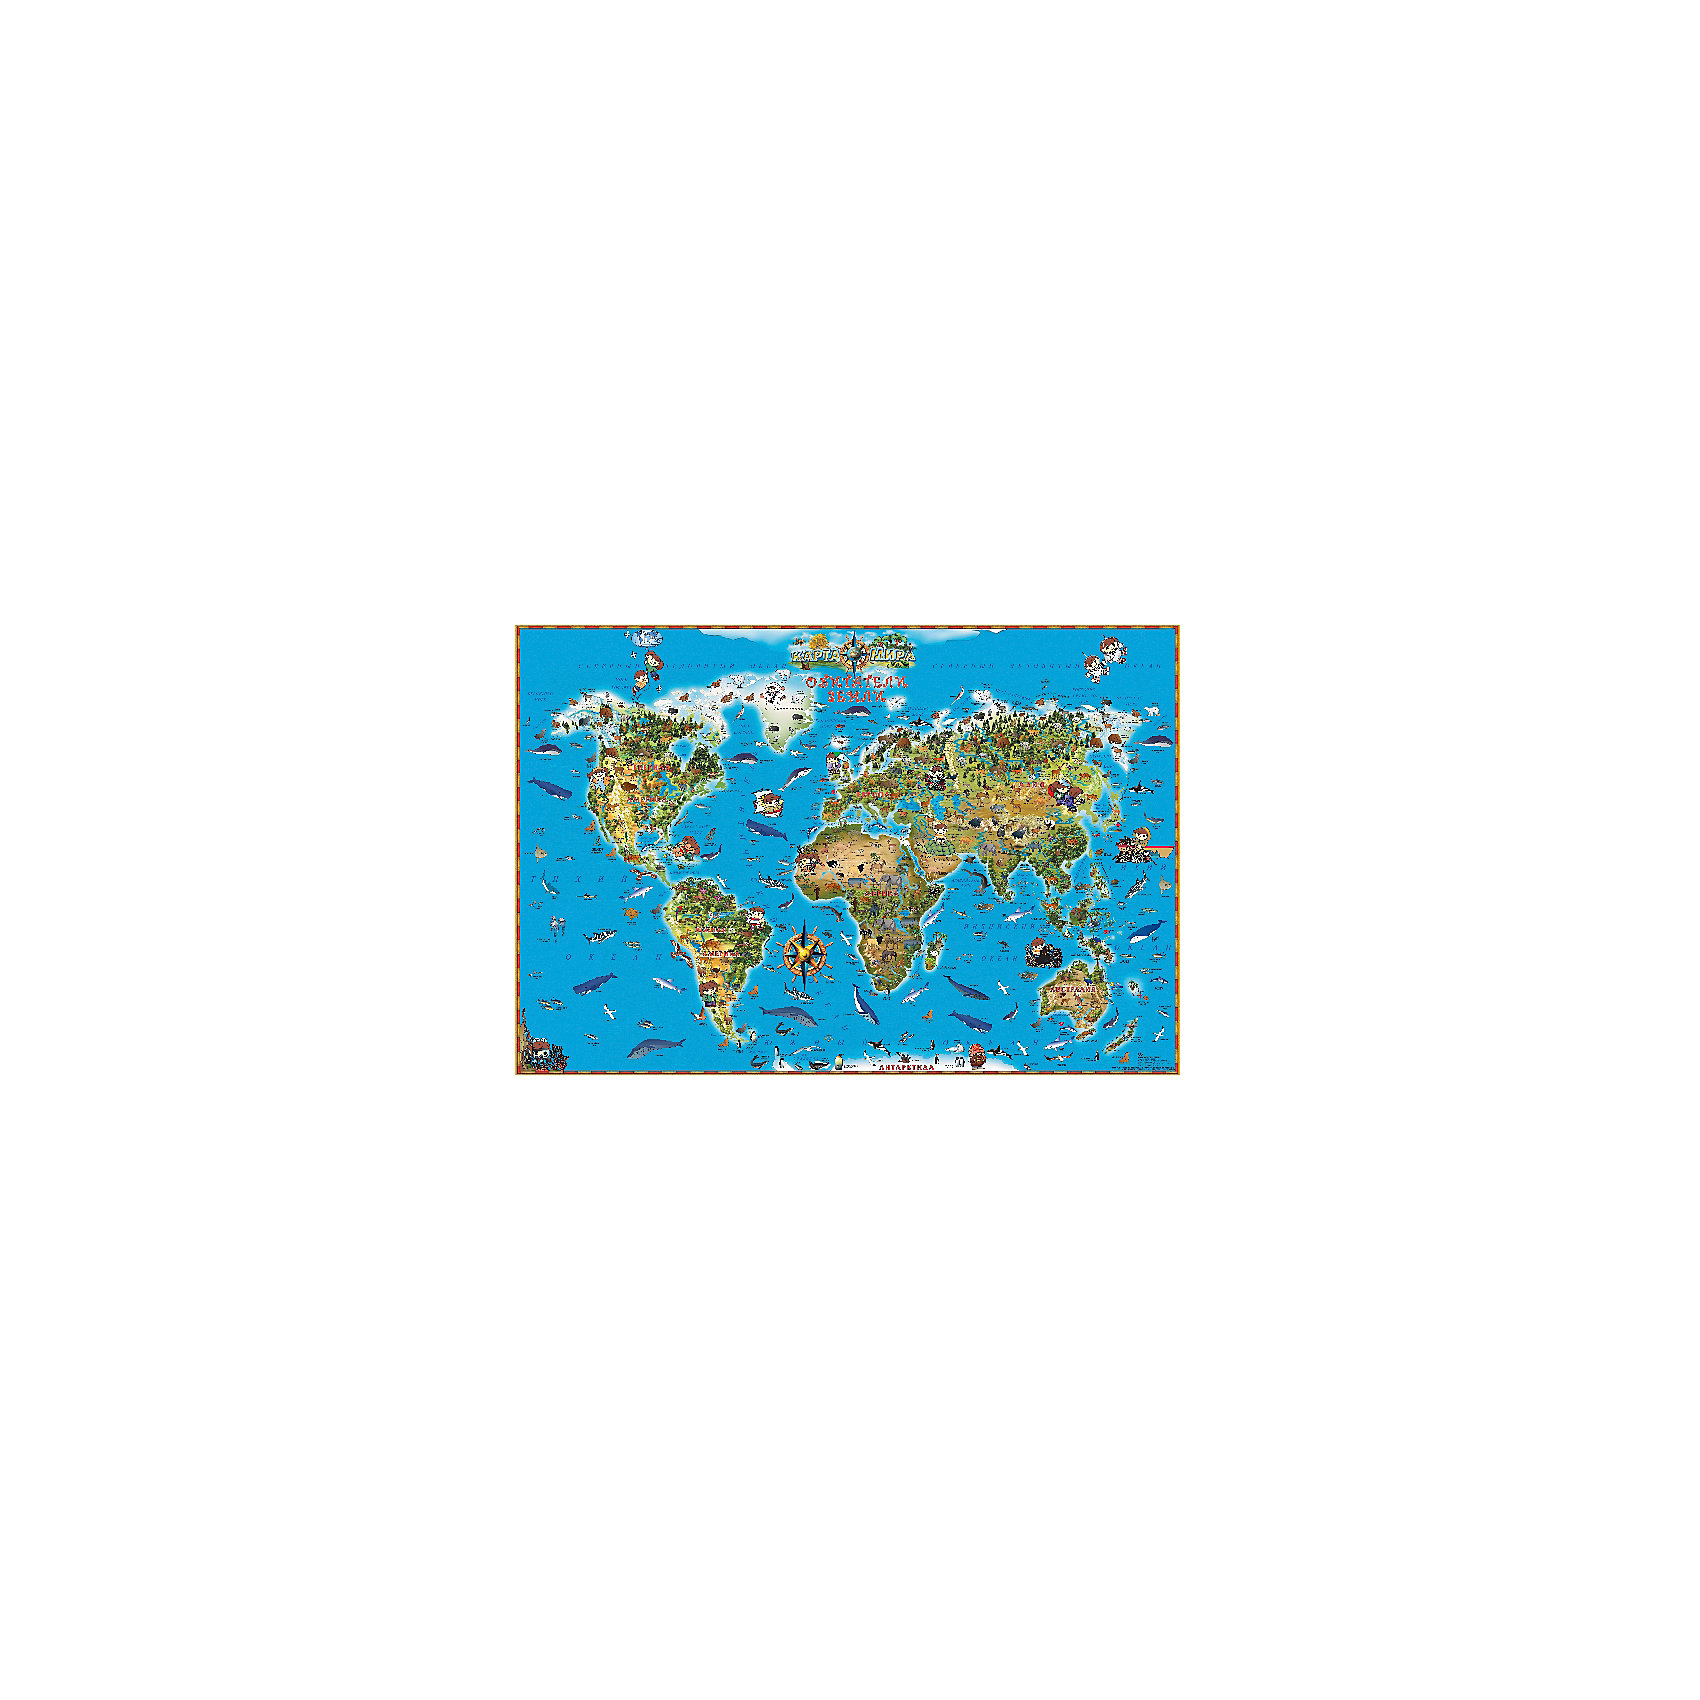 Карта Обитатели ЗемлиАтласы и карты<br>Красочная и информативная карта для наглядного обучения детей  станет замечательным пособием при изучении географии и природоведения. На карте изображены все самые известные представители мировой фауны. С помощью такой карты ребенок легко усвоит названия континентов, островов, морей и океанов, связав их со знакомыми животными. Размеры карты позволяют разместить ее на любой стене детской комнаты. Плотная ламинированная бумага защищает карту от повреждений, заломов и потертостей, а покрытие уменьшает риск выцветания красок на солнце.<br><br>Дополнительная информация:<br><br>- Карта в картонном тубусе.<br>- Материал: бумага.<br>- Размер: 122х79 см. <br>- Масштаб: <br><br>Карту Обитатели Земли можно купить в нашем магазине.<br><br>Ширина мм: 960<br>Глубина мм: 60<br>Высота мм: 960<br>Вес г: 451<br>Возраст от месяцев: 36<br>Возраст до месяцев: 2147483647<br>Пол: Унисекс<br>Возраст: Детский<br>SKU: 4093398